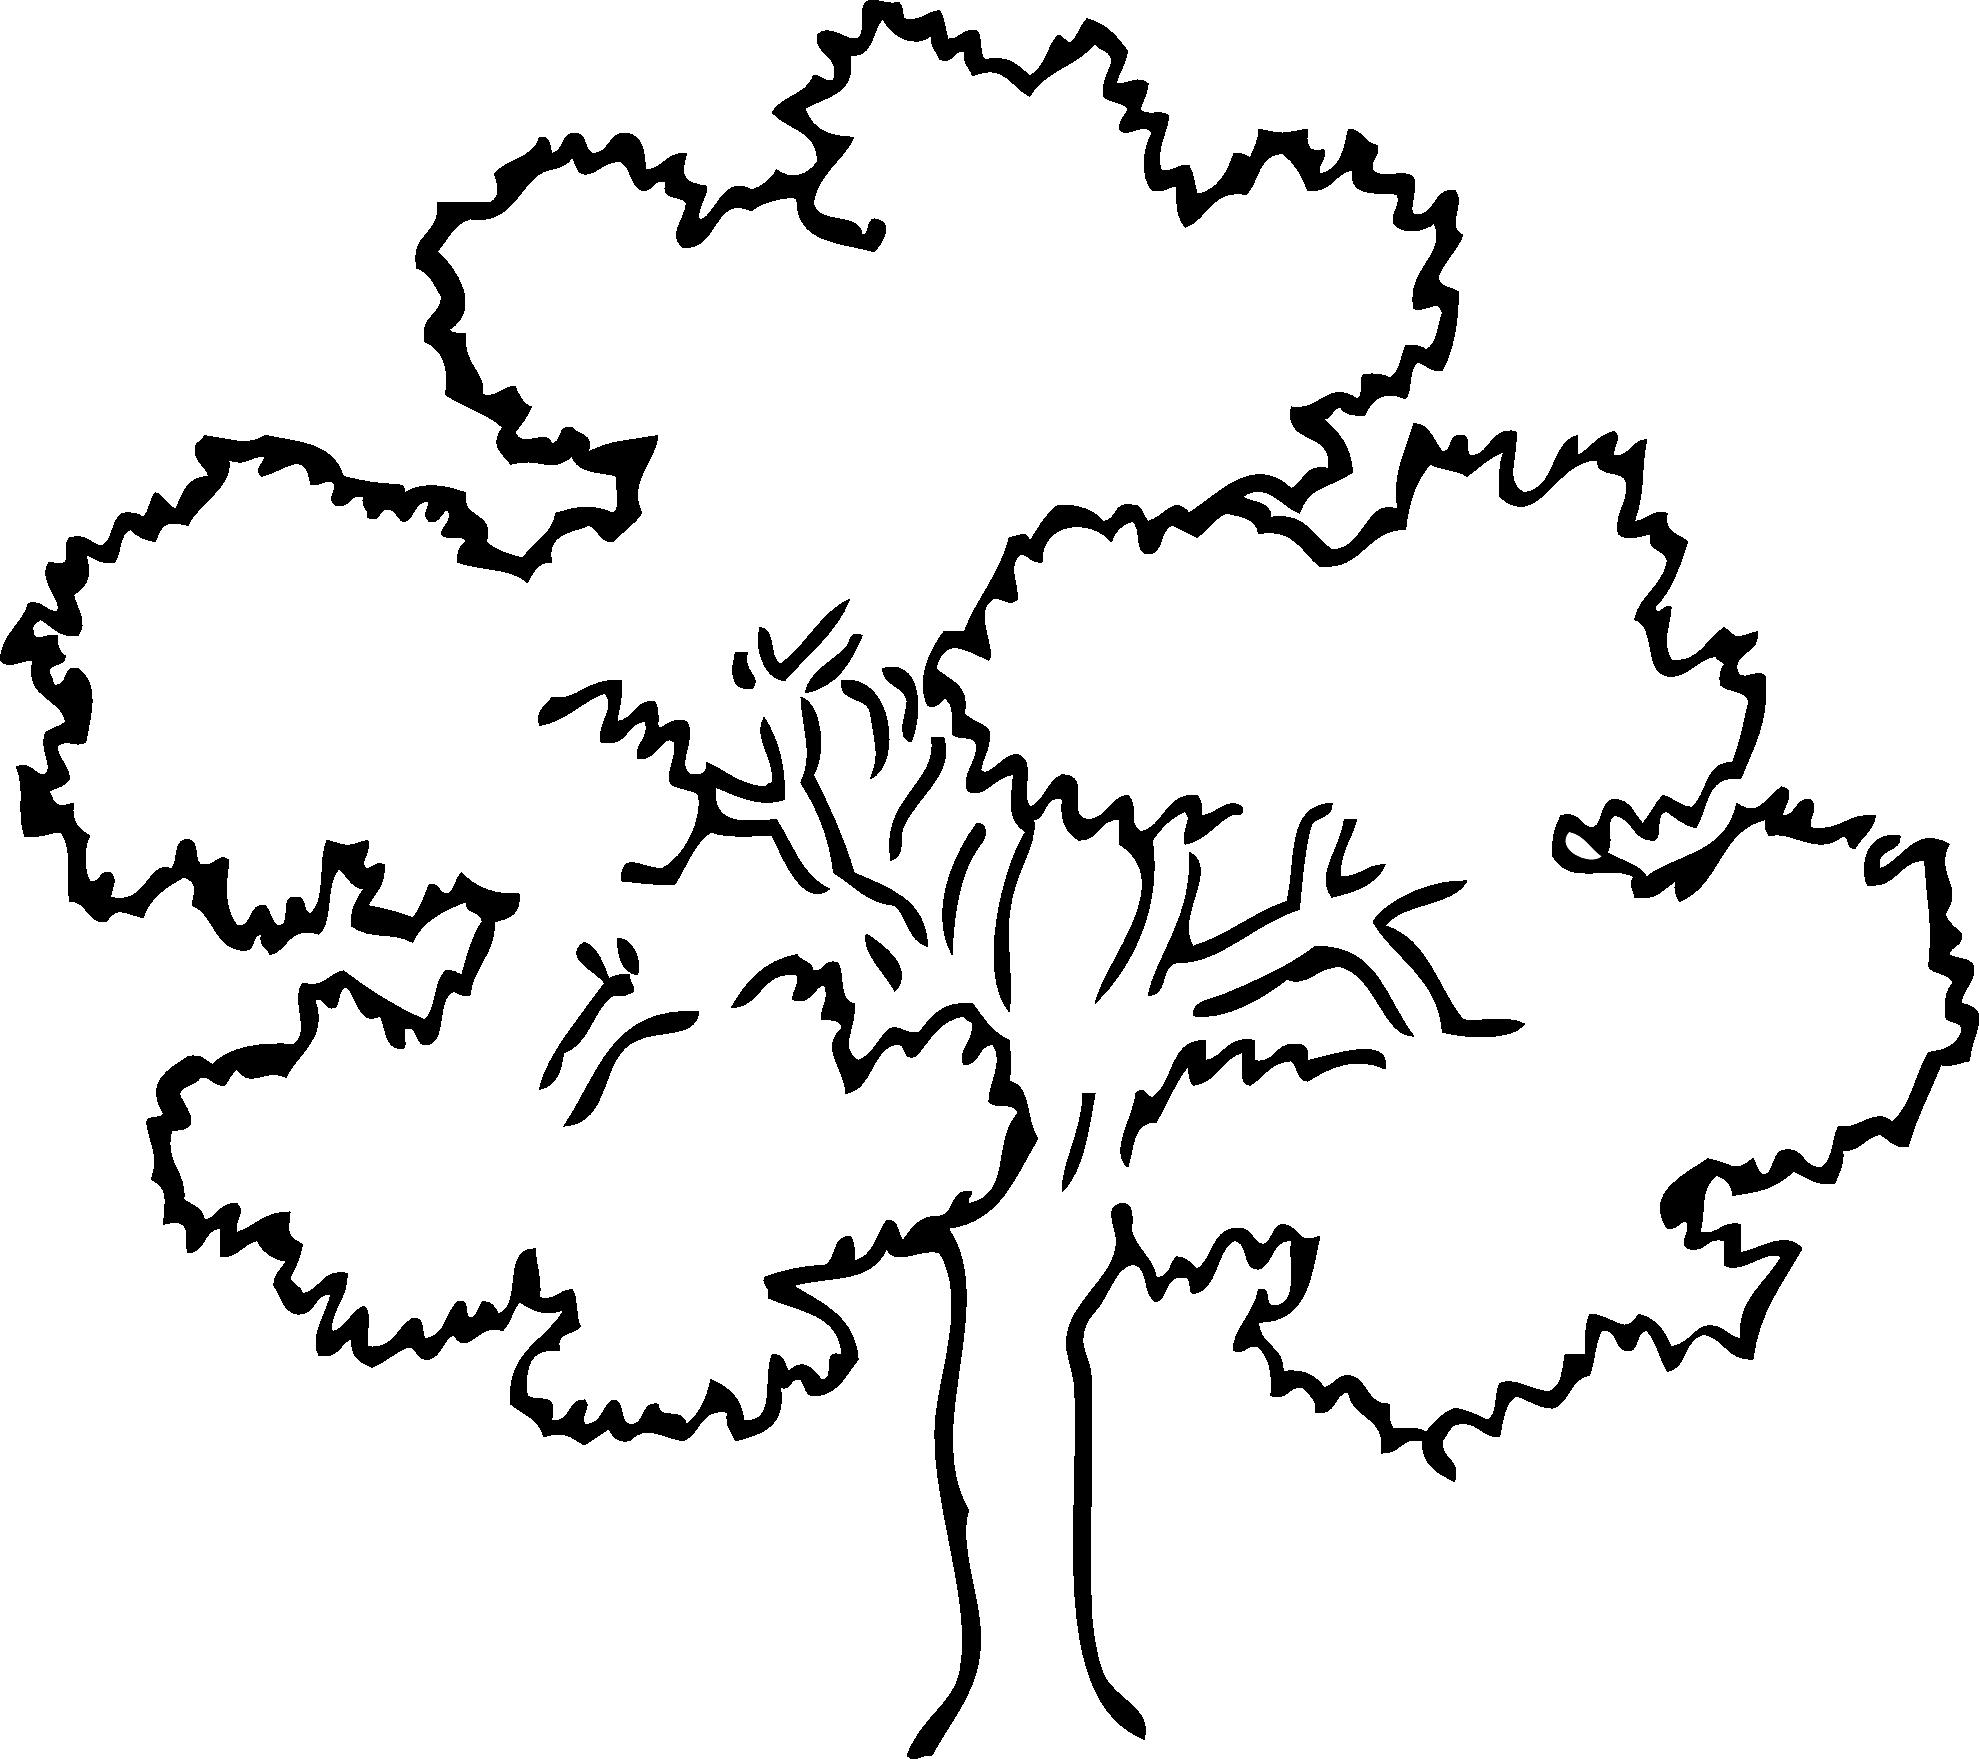 Cliparti1 Tree Clipart Black And White. -Cliparti1 Tree Clipart Black And White. oak clipart-4